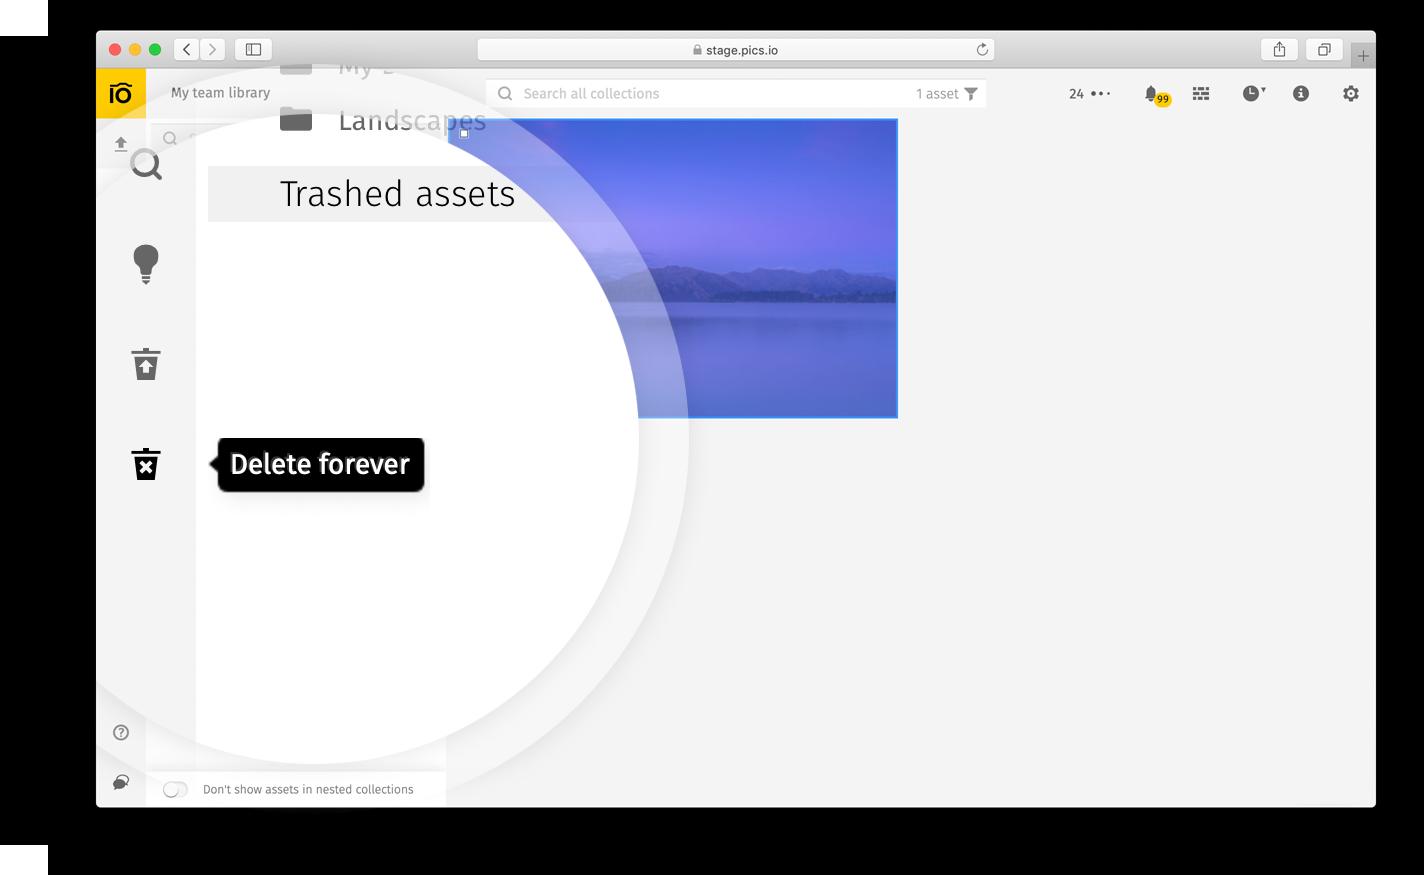 Deleting assets forever